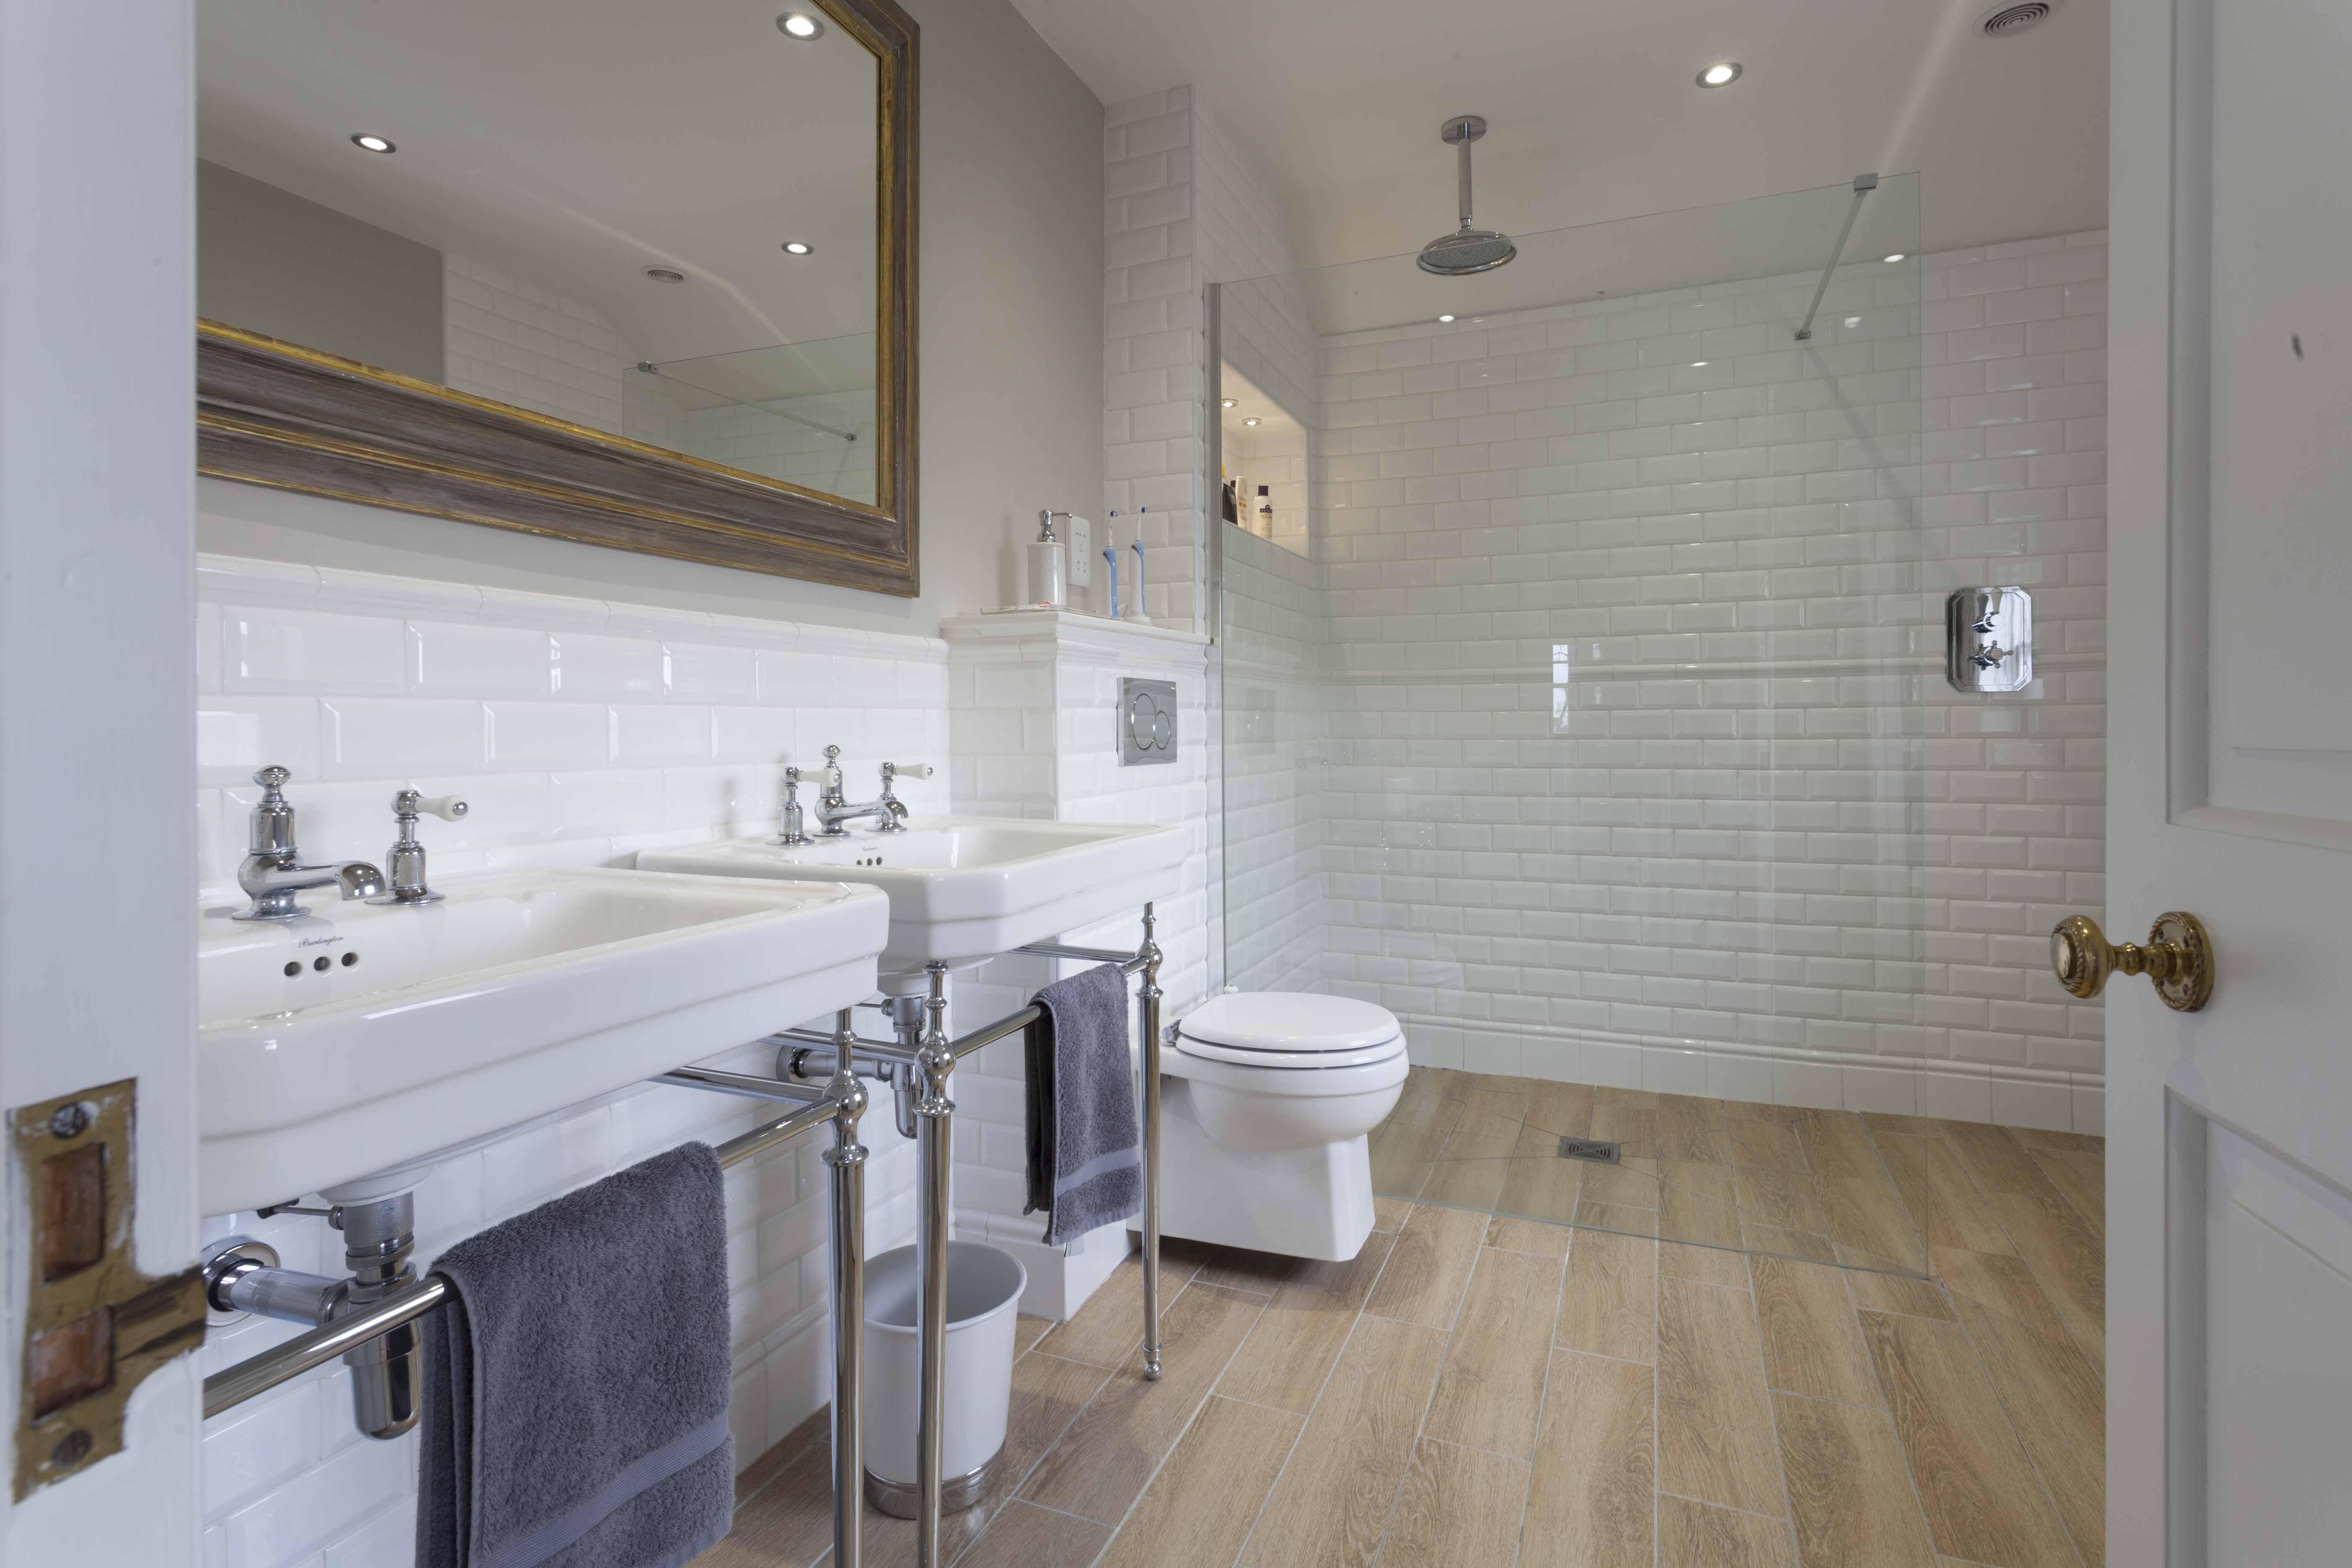 две раковины и стеклянная перегородка в большой ванной